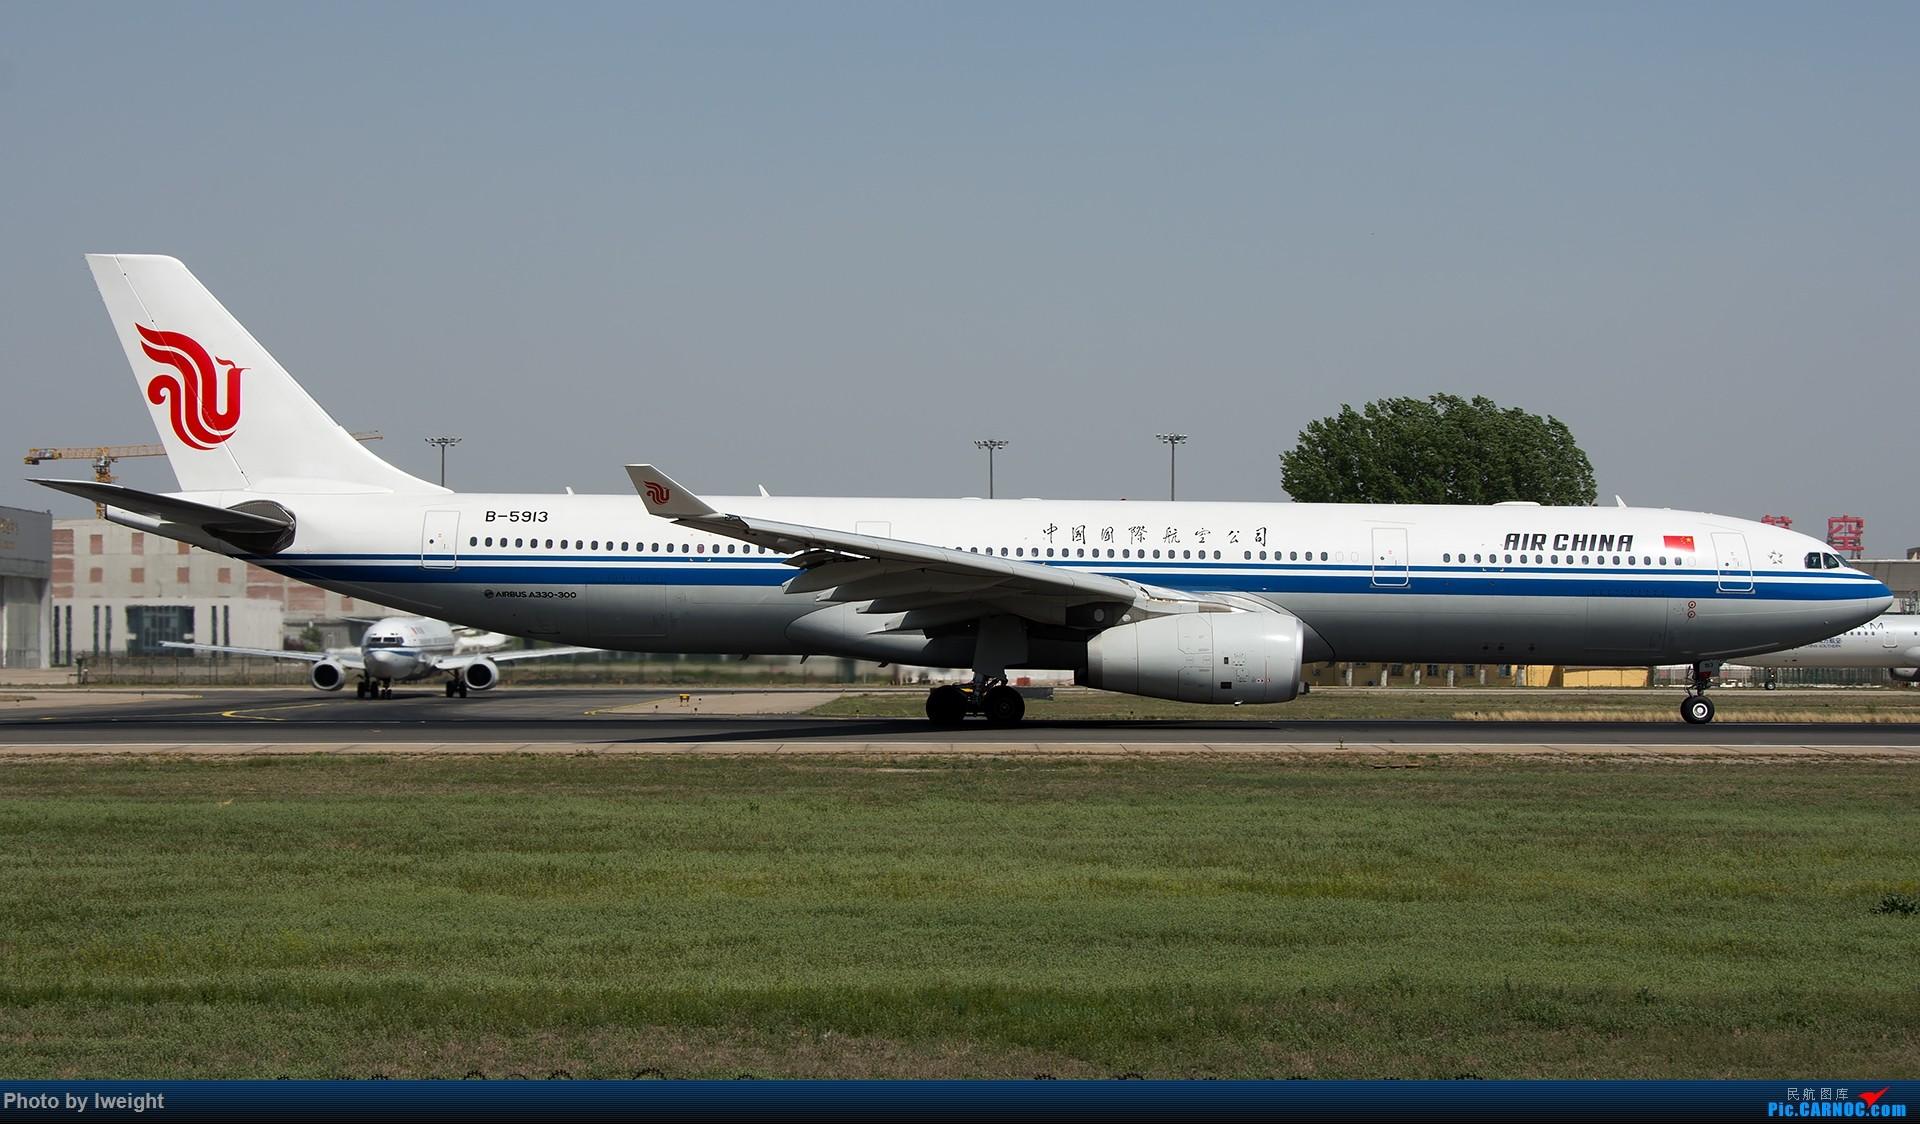 Re:[原创]天气晴朗,继续守候18R【多图】 AIRBUS A330-300 B-5913 中国北京首都国际机场